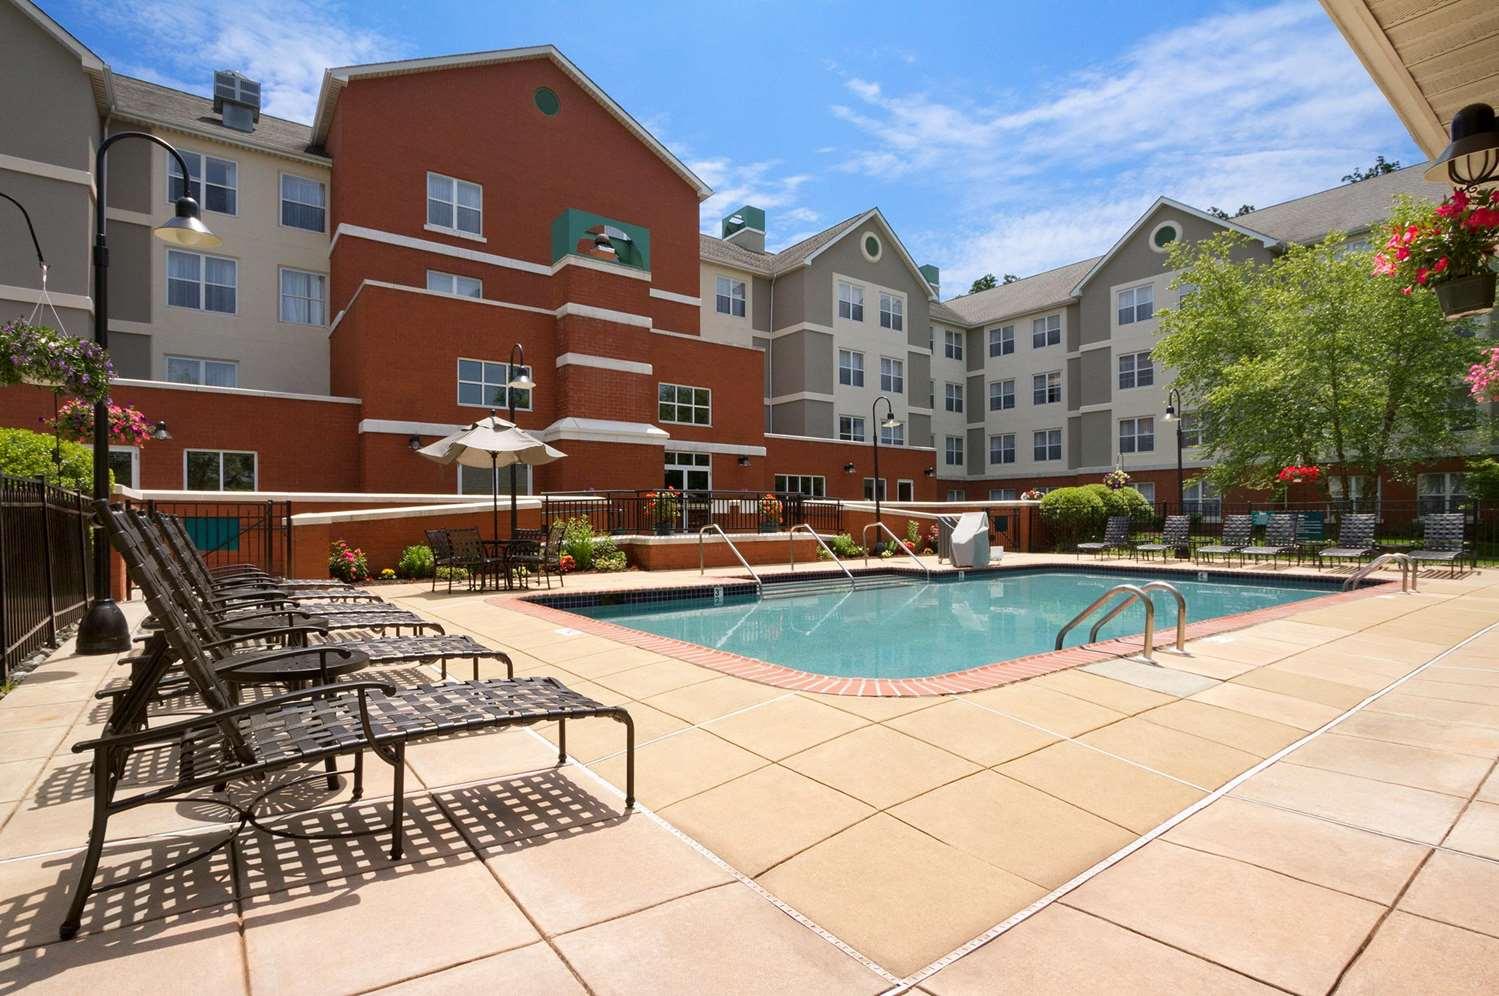 Pool - Homewood Suites by Hilton Brandywine Valley Wilmington